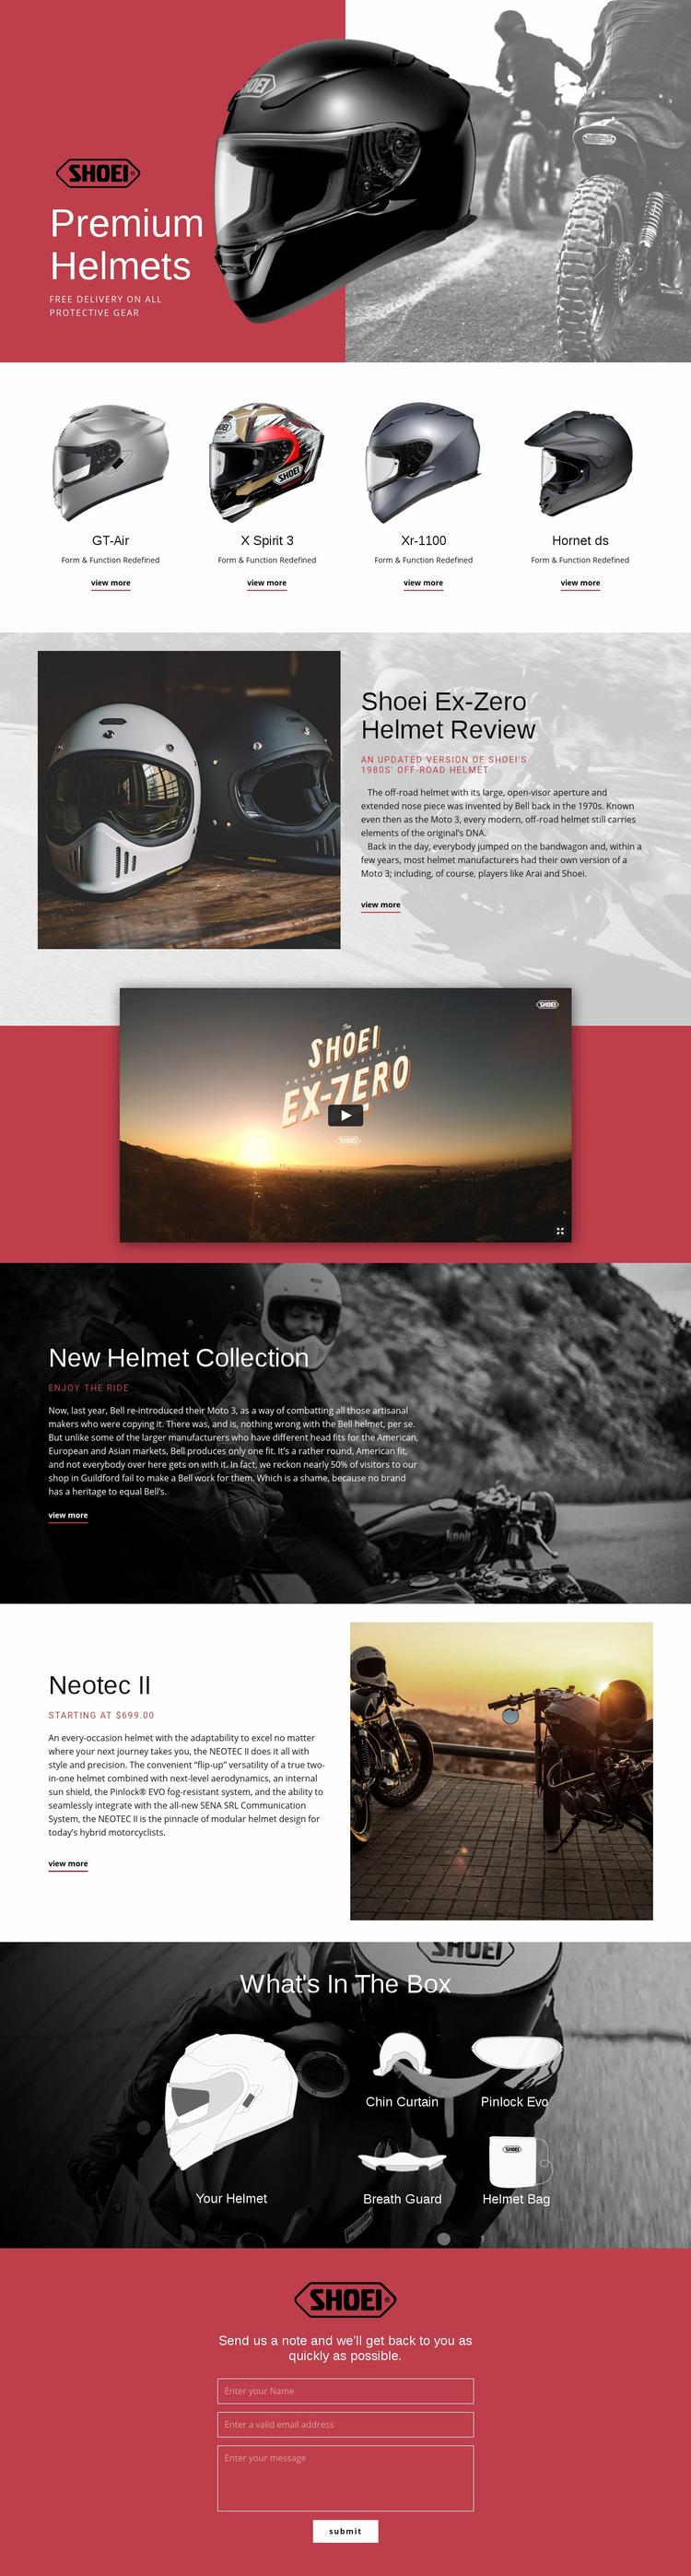 Premium Helmets Web Page Design